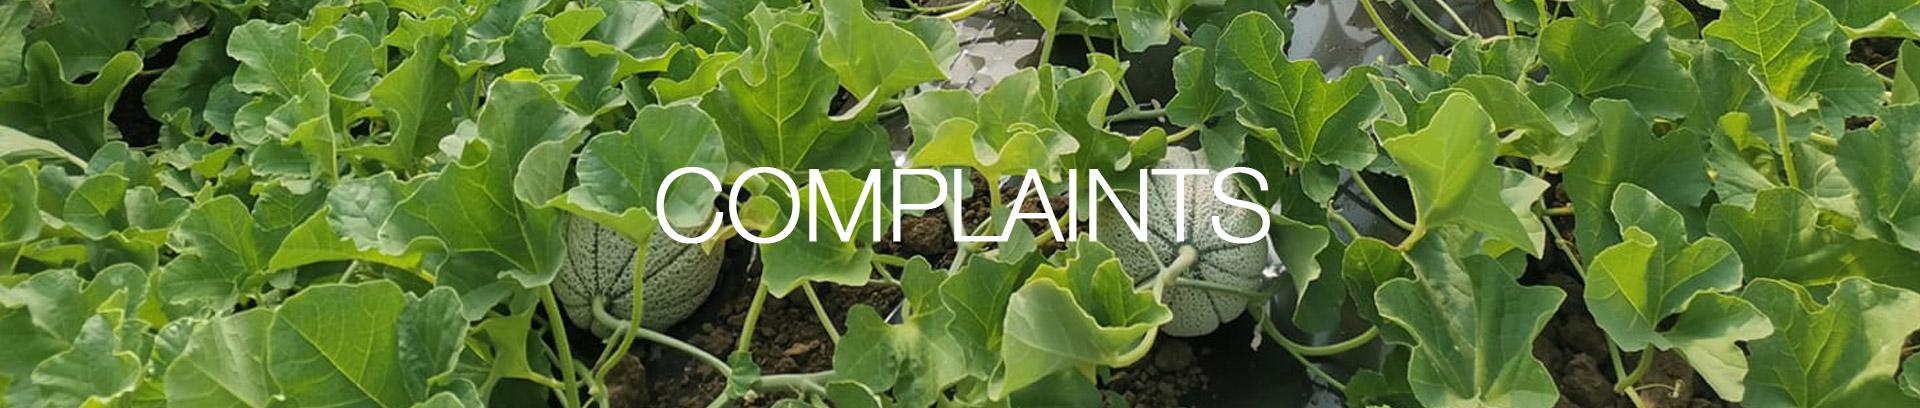 intestazione-complaints-agroama-oranizzazione-produttori